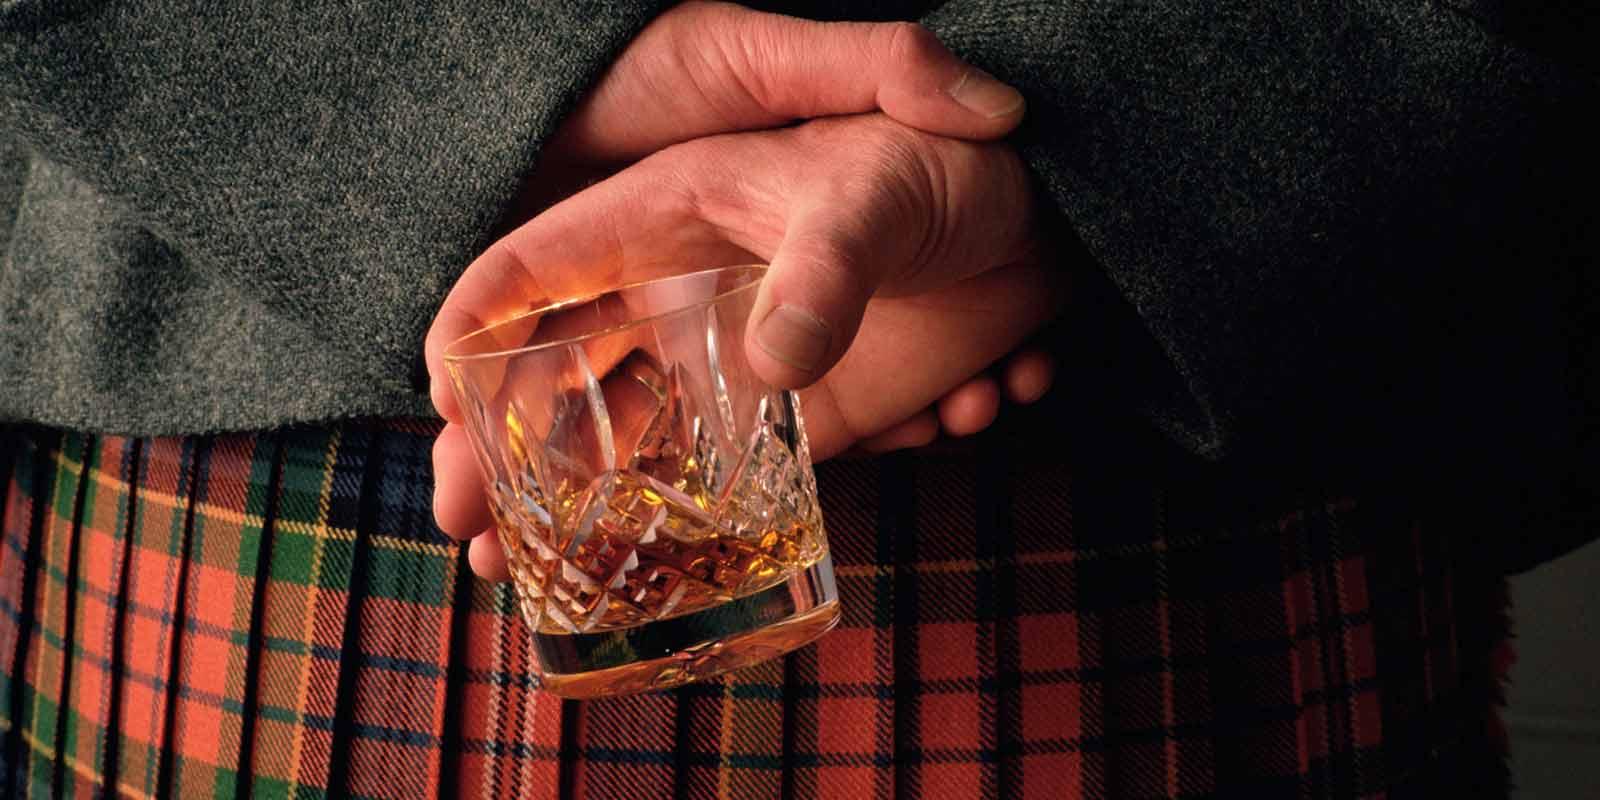 Whisky_Glass_1600x800.jpg